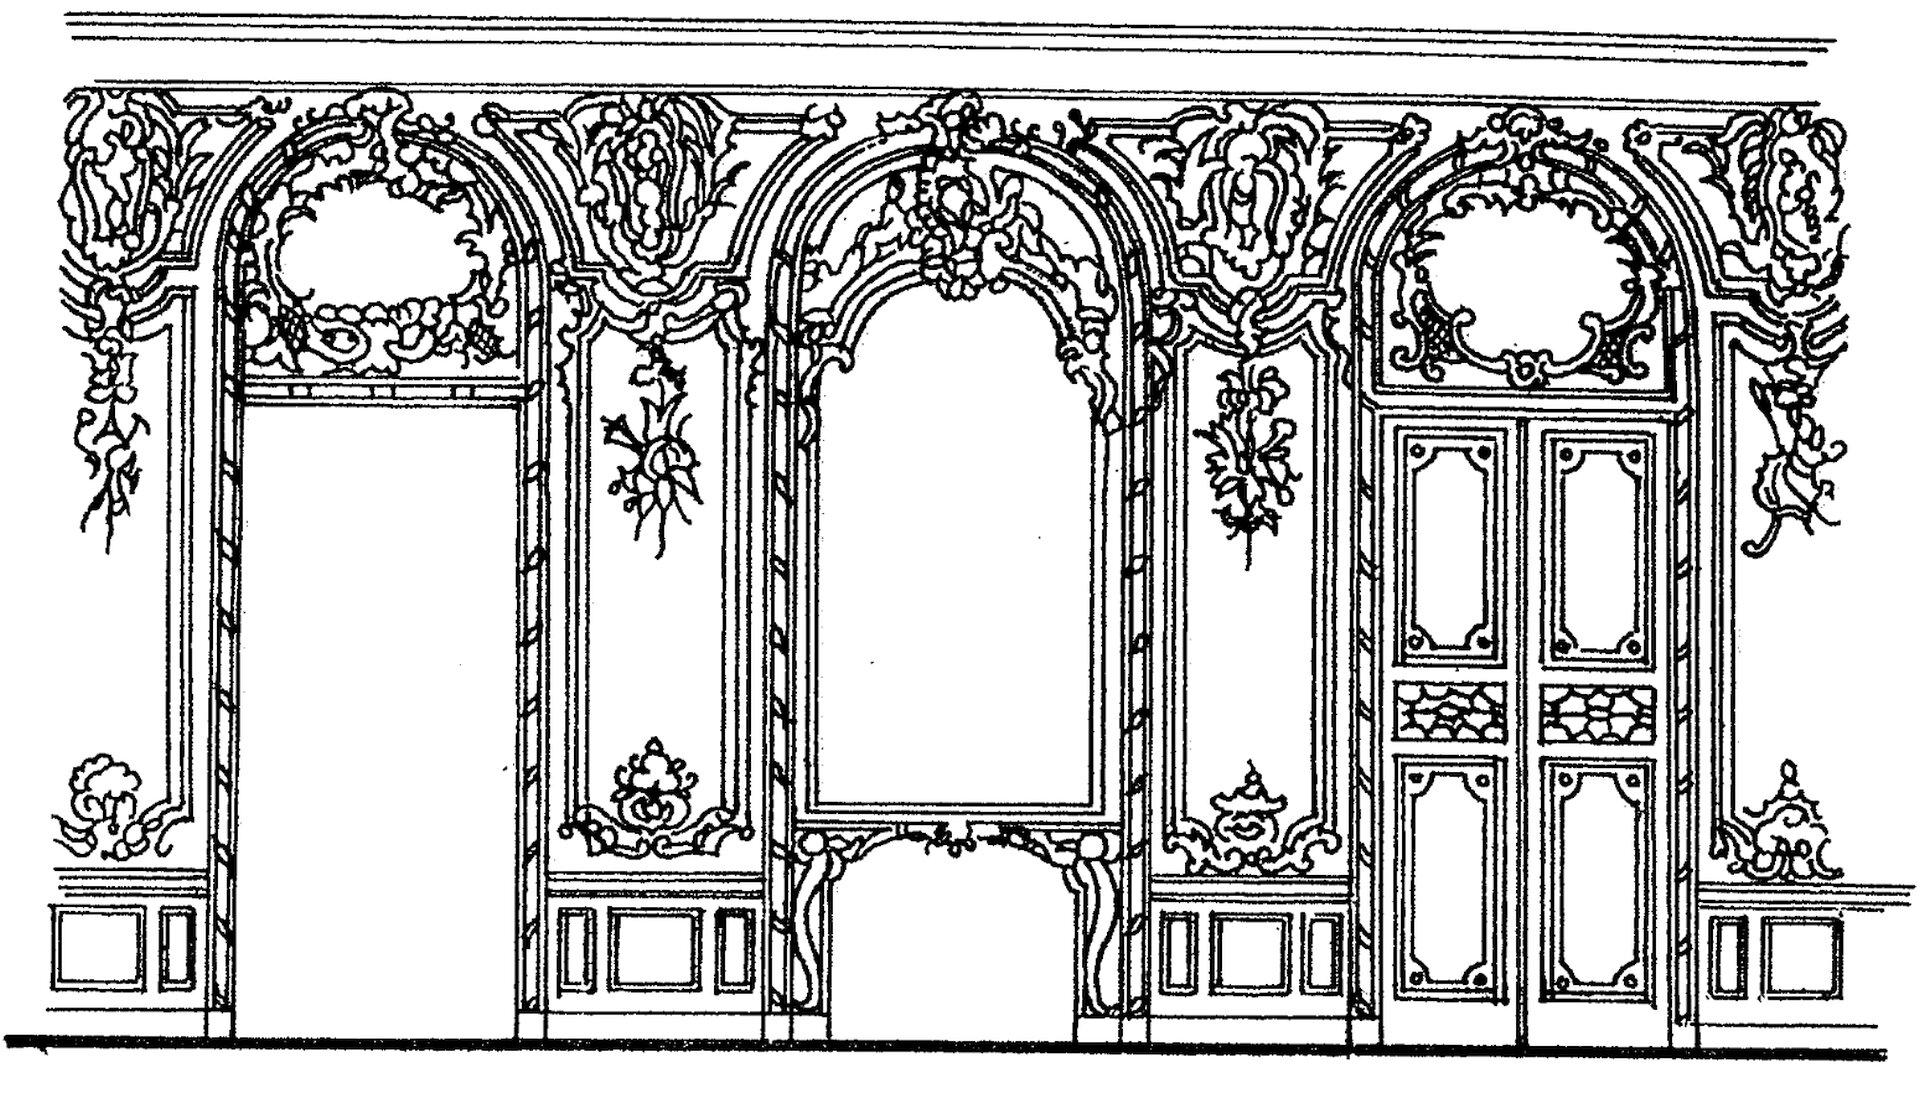 Ilustracja przedstawia podział ścian na pola dekoracyjne (panneau).